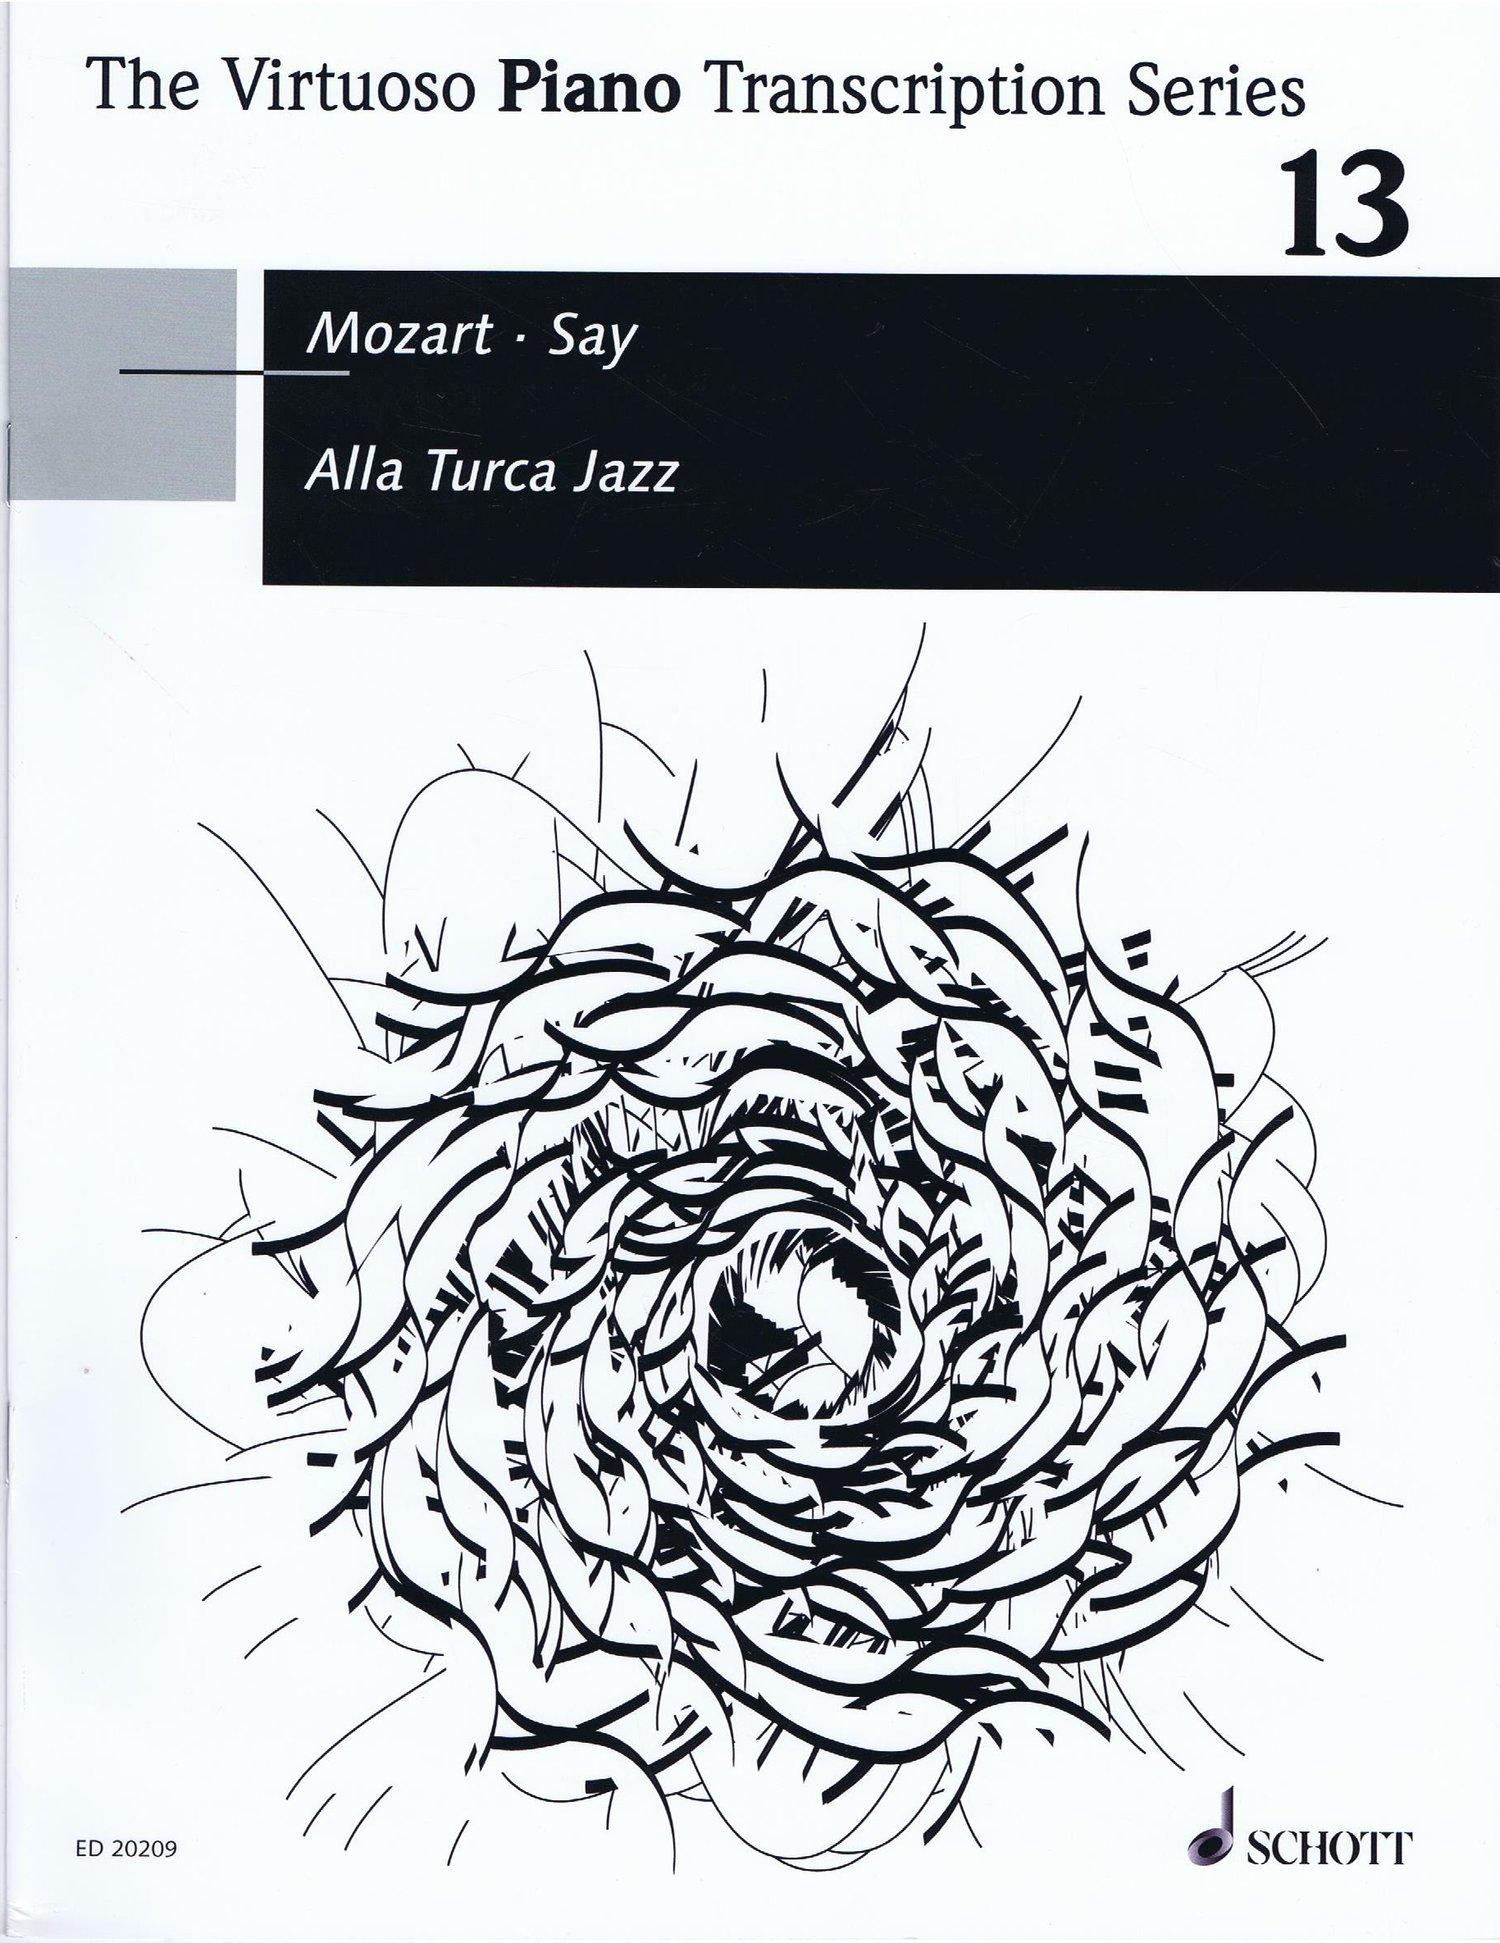 Alla Turca Mozart mozart alla turca jazz hl 49016752 — teacher's choice